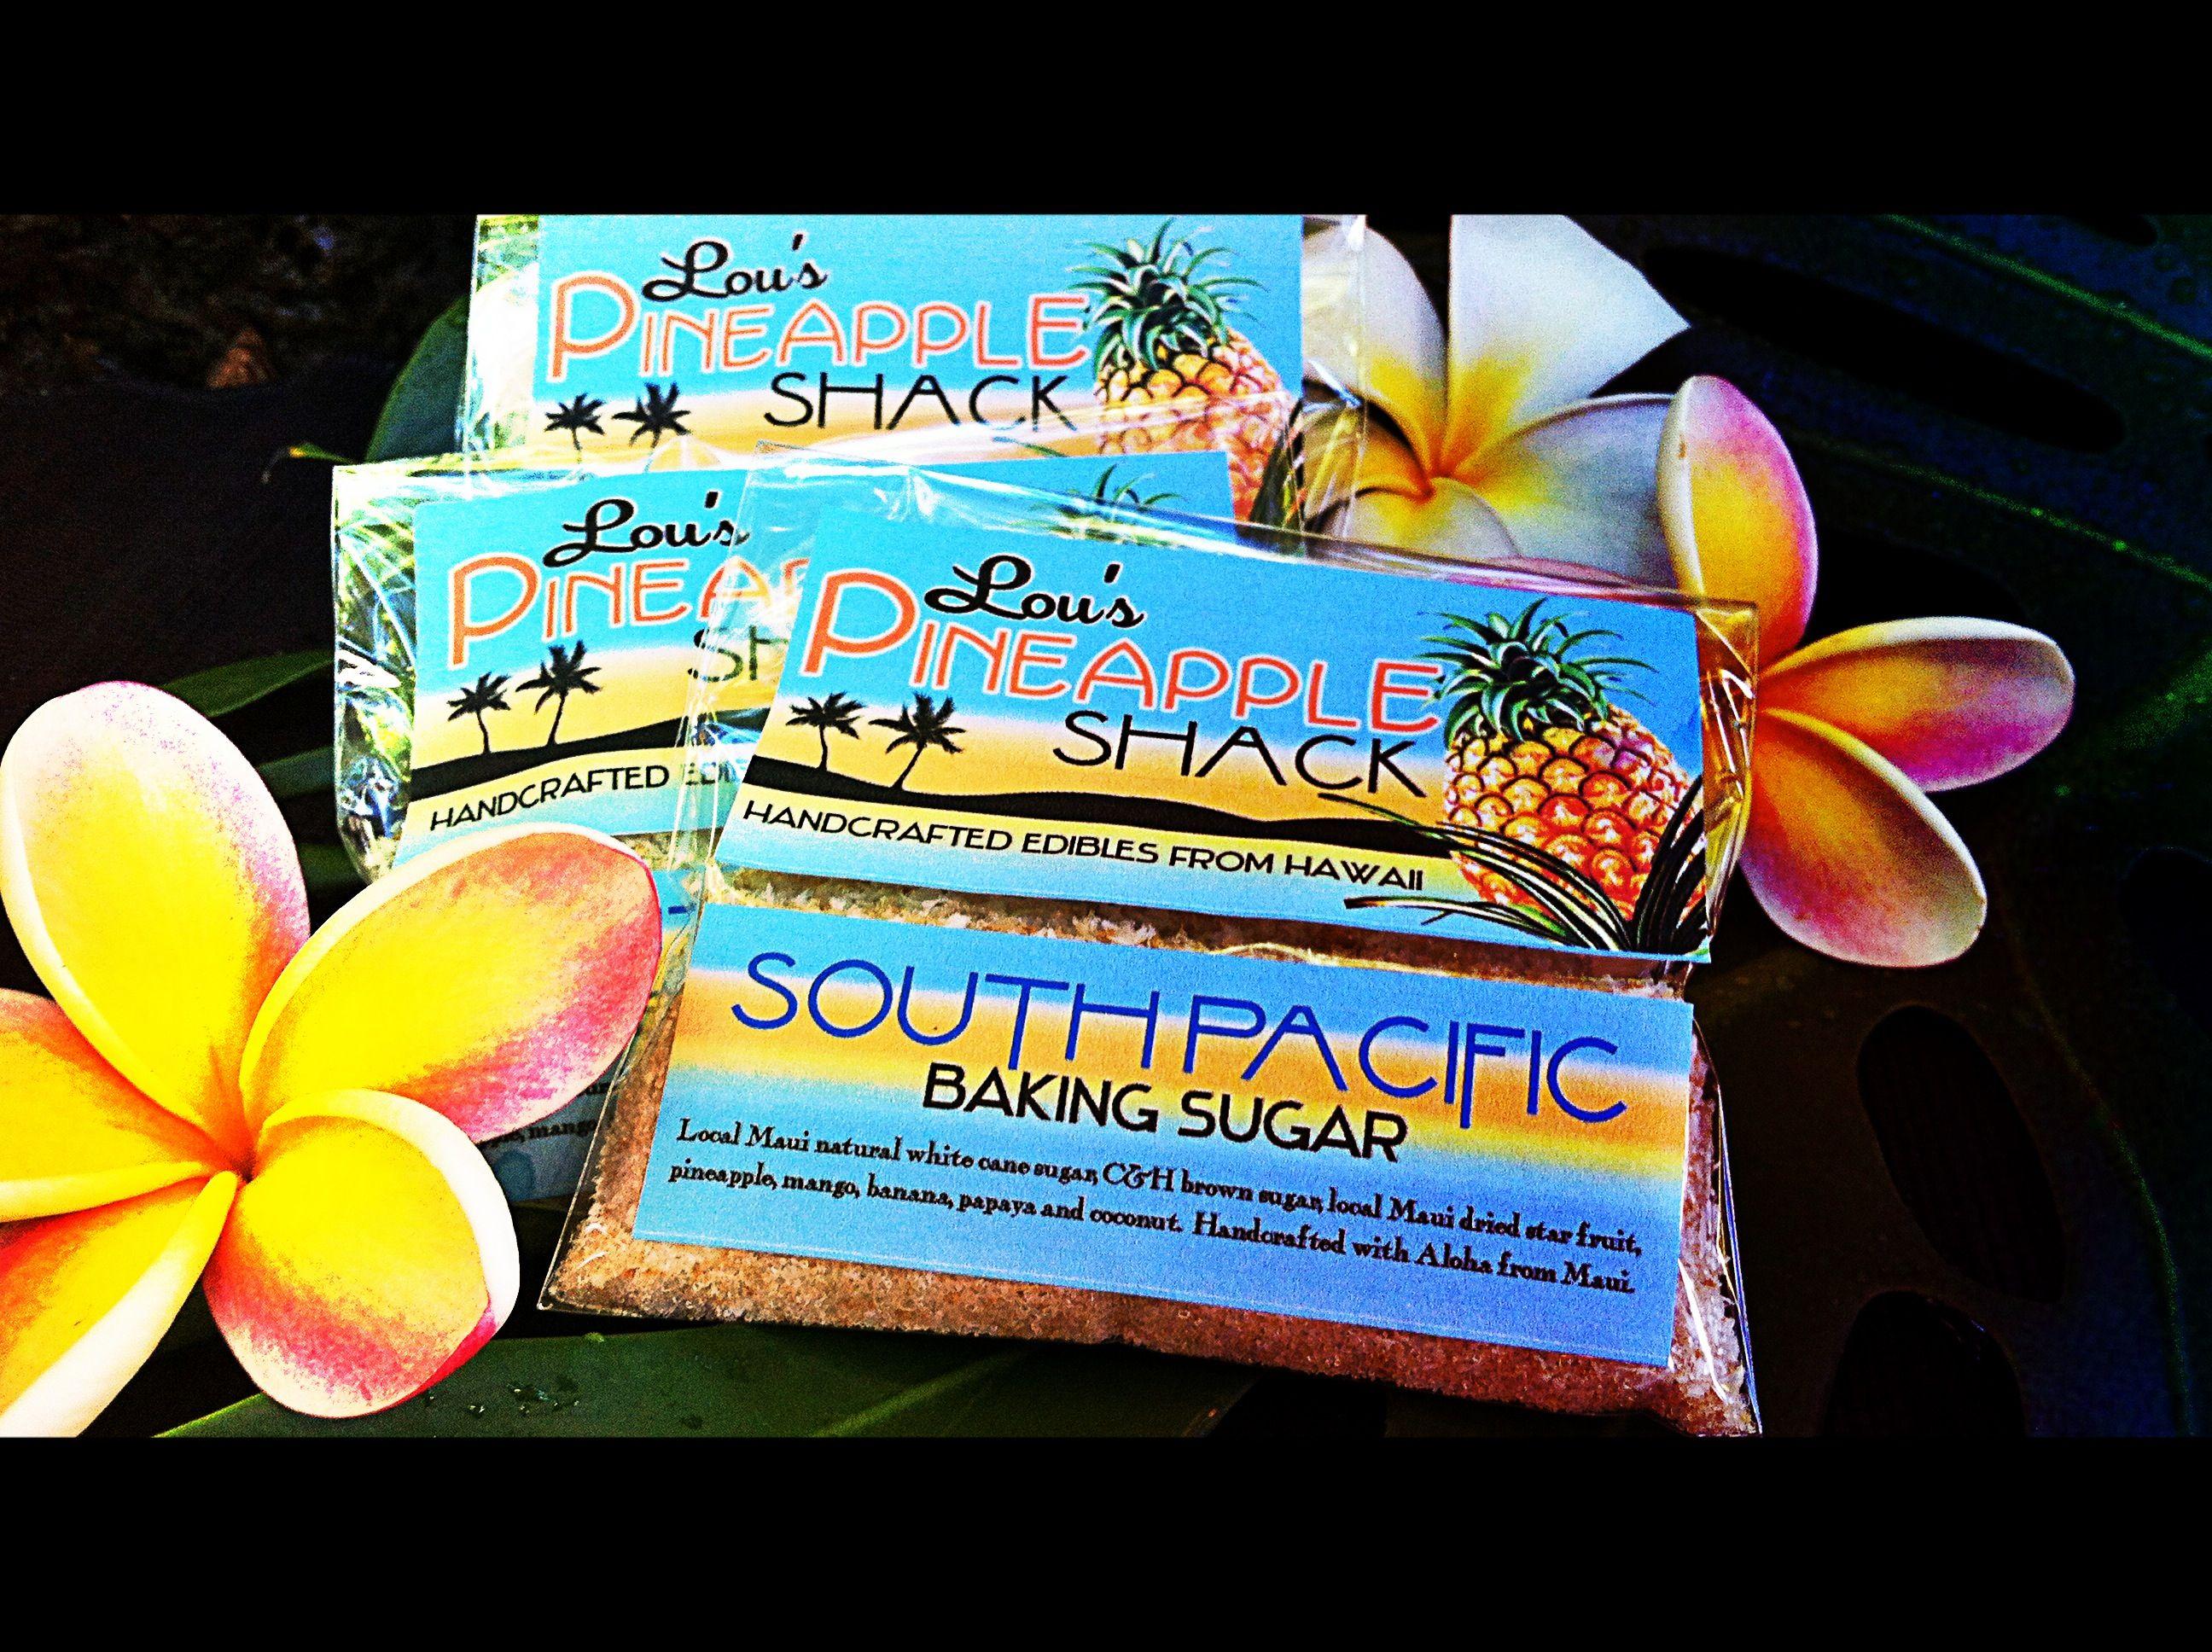 Lou's Pineapple Shack on Etsy  Www.louspineappleshack.etsy.com